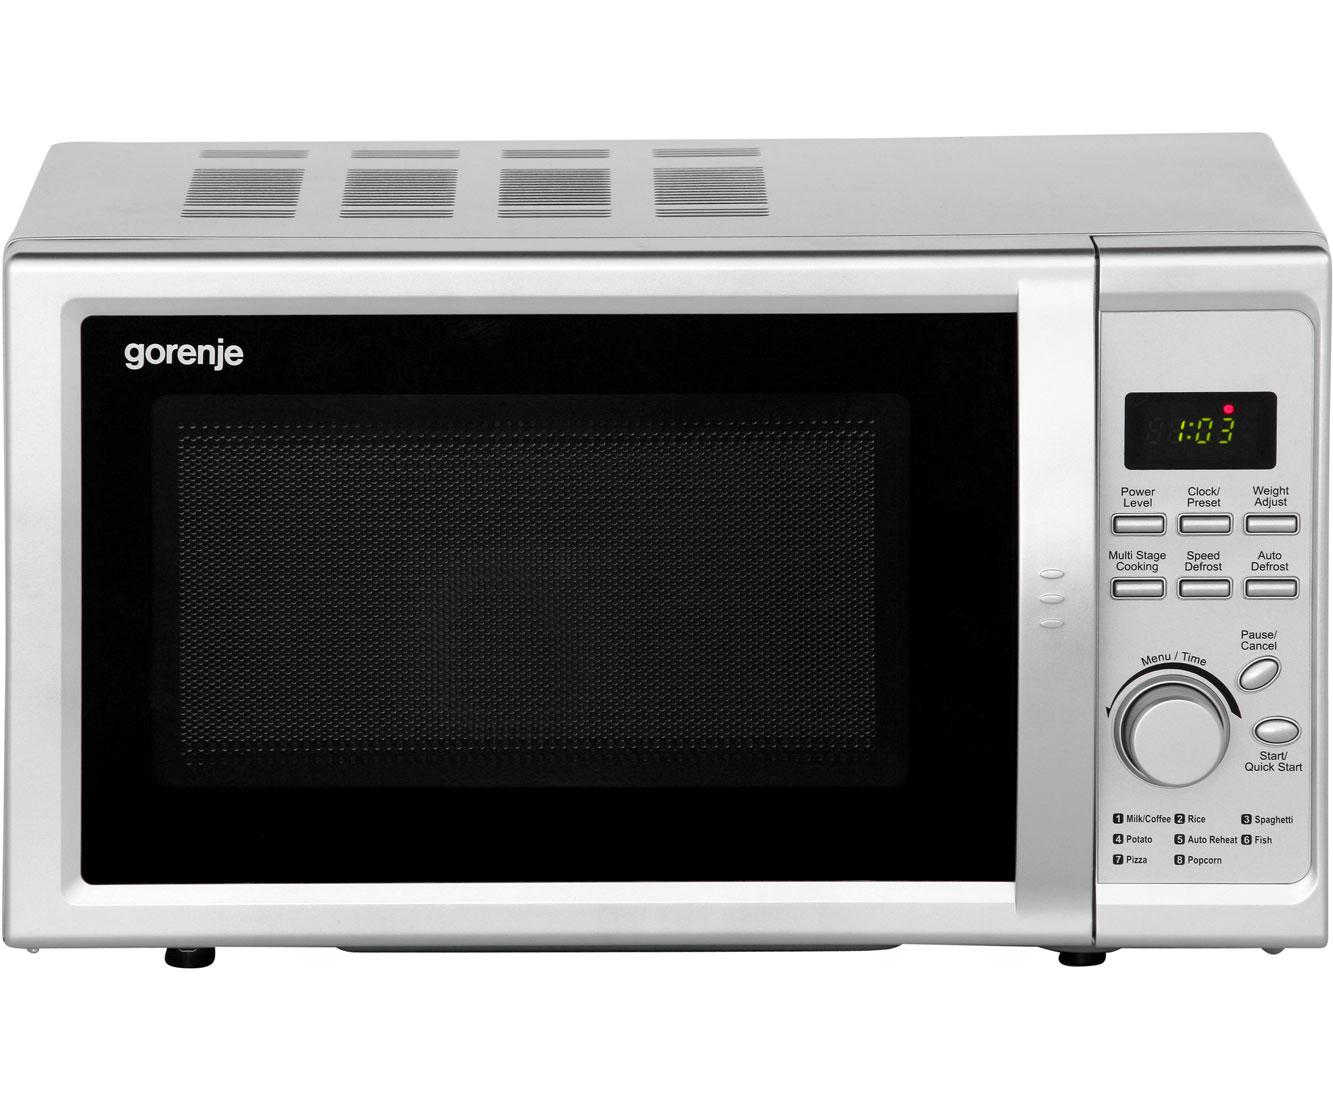 Gorenje MO 20 DSII Mikrowellen - Silber | Küche und Esszimmer > Küchenelektrogeräte > Mikrowellen | Silber | Gorenje